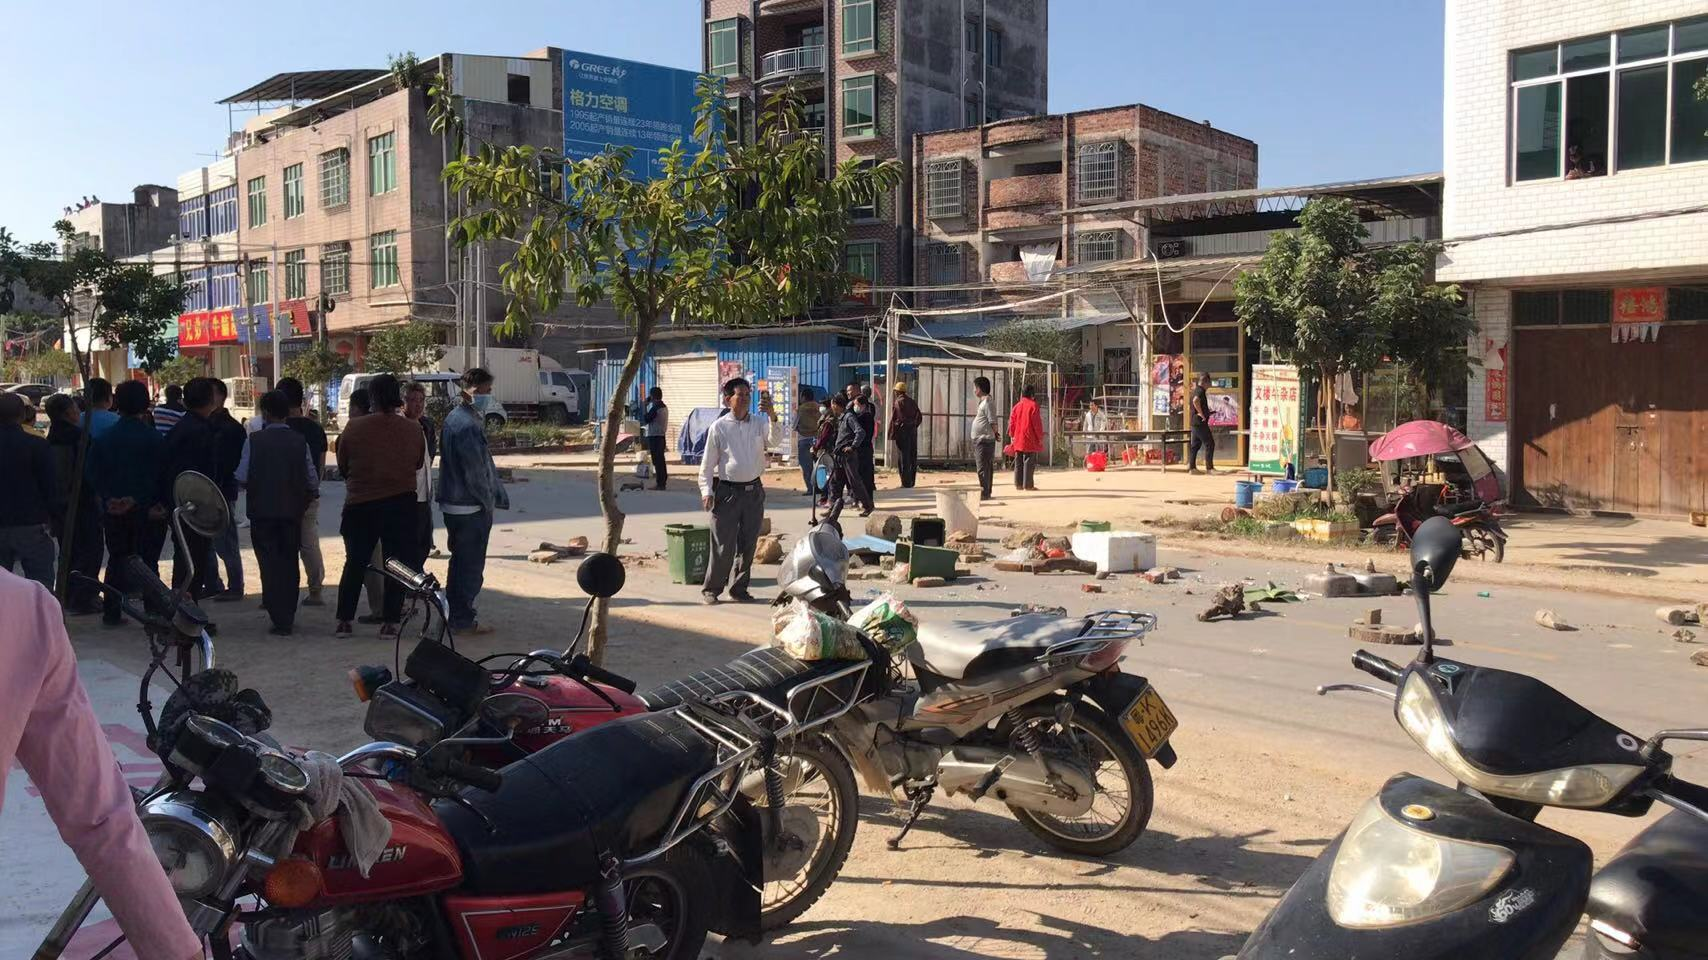 11月29日,廣東茂名化州市文樓鎮的村民以罷市方式持續抗議,在各個村中仍然繼續發著流血衝突,大批村民被打傷、被抓,具體人數不詳。圖為11月28日的衝突現場。(受訪者提供)